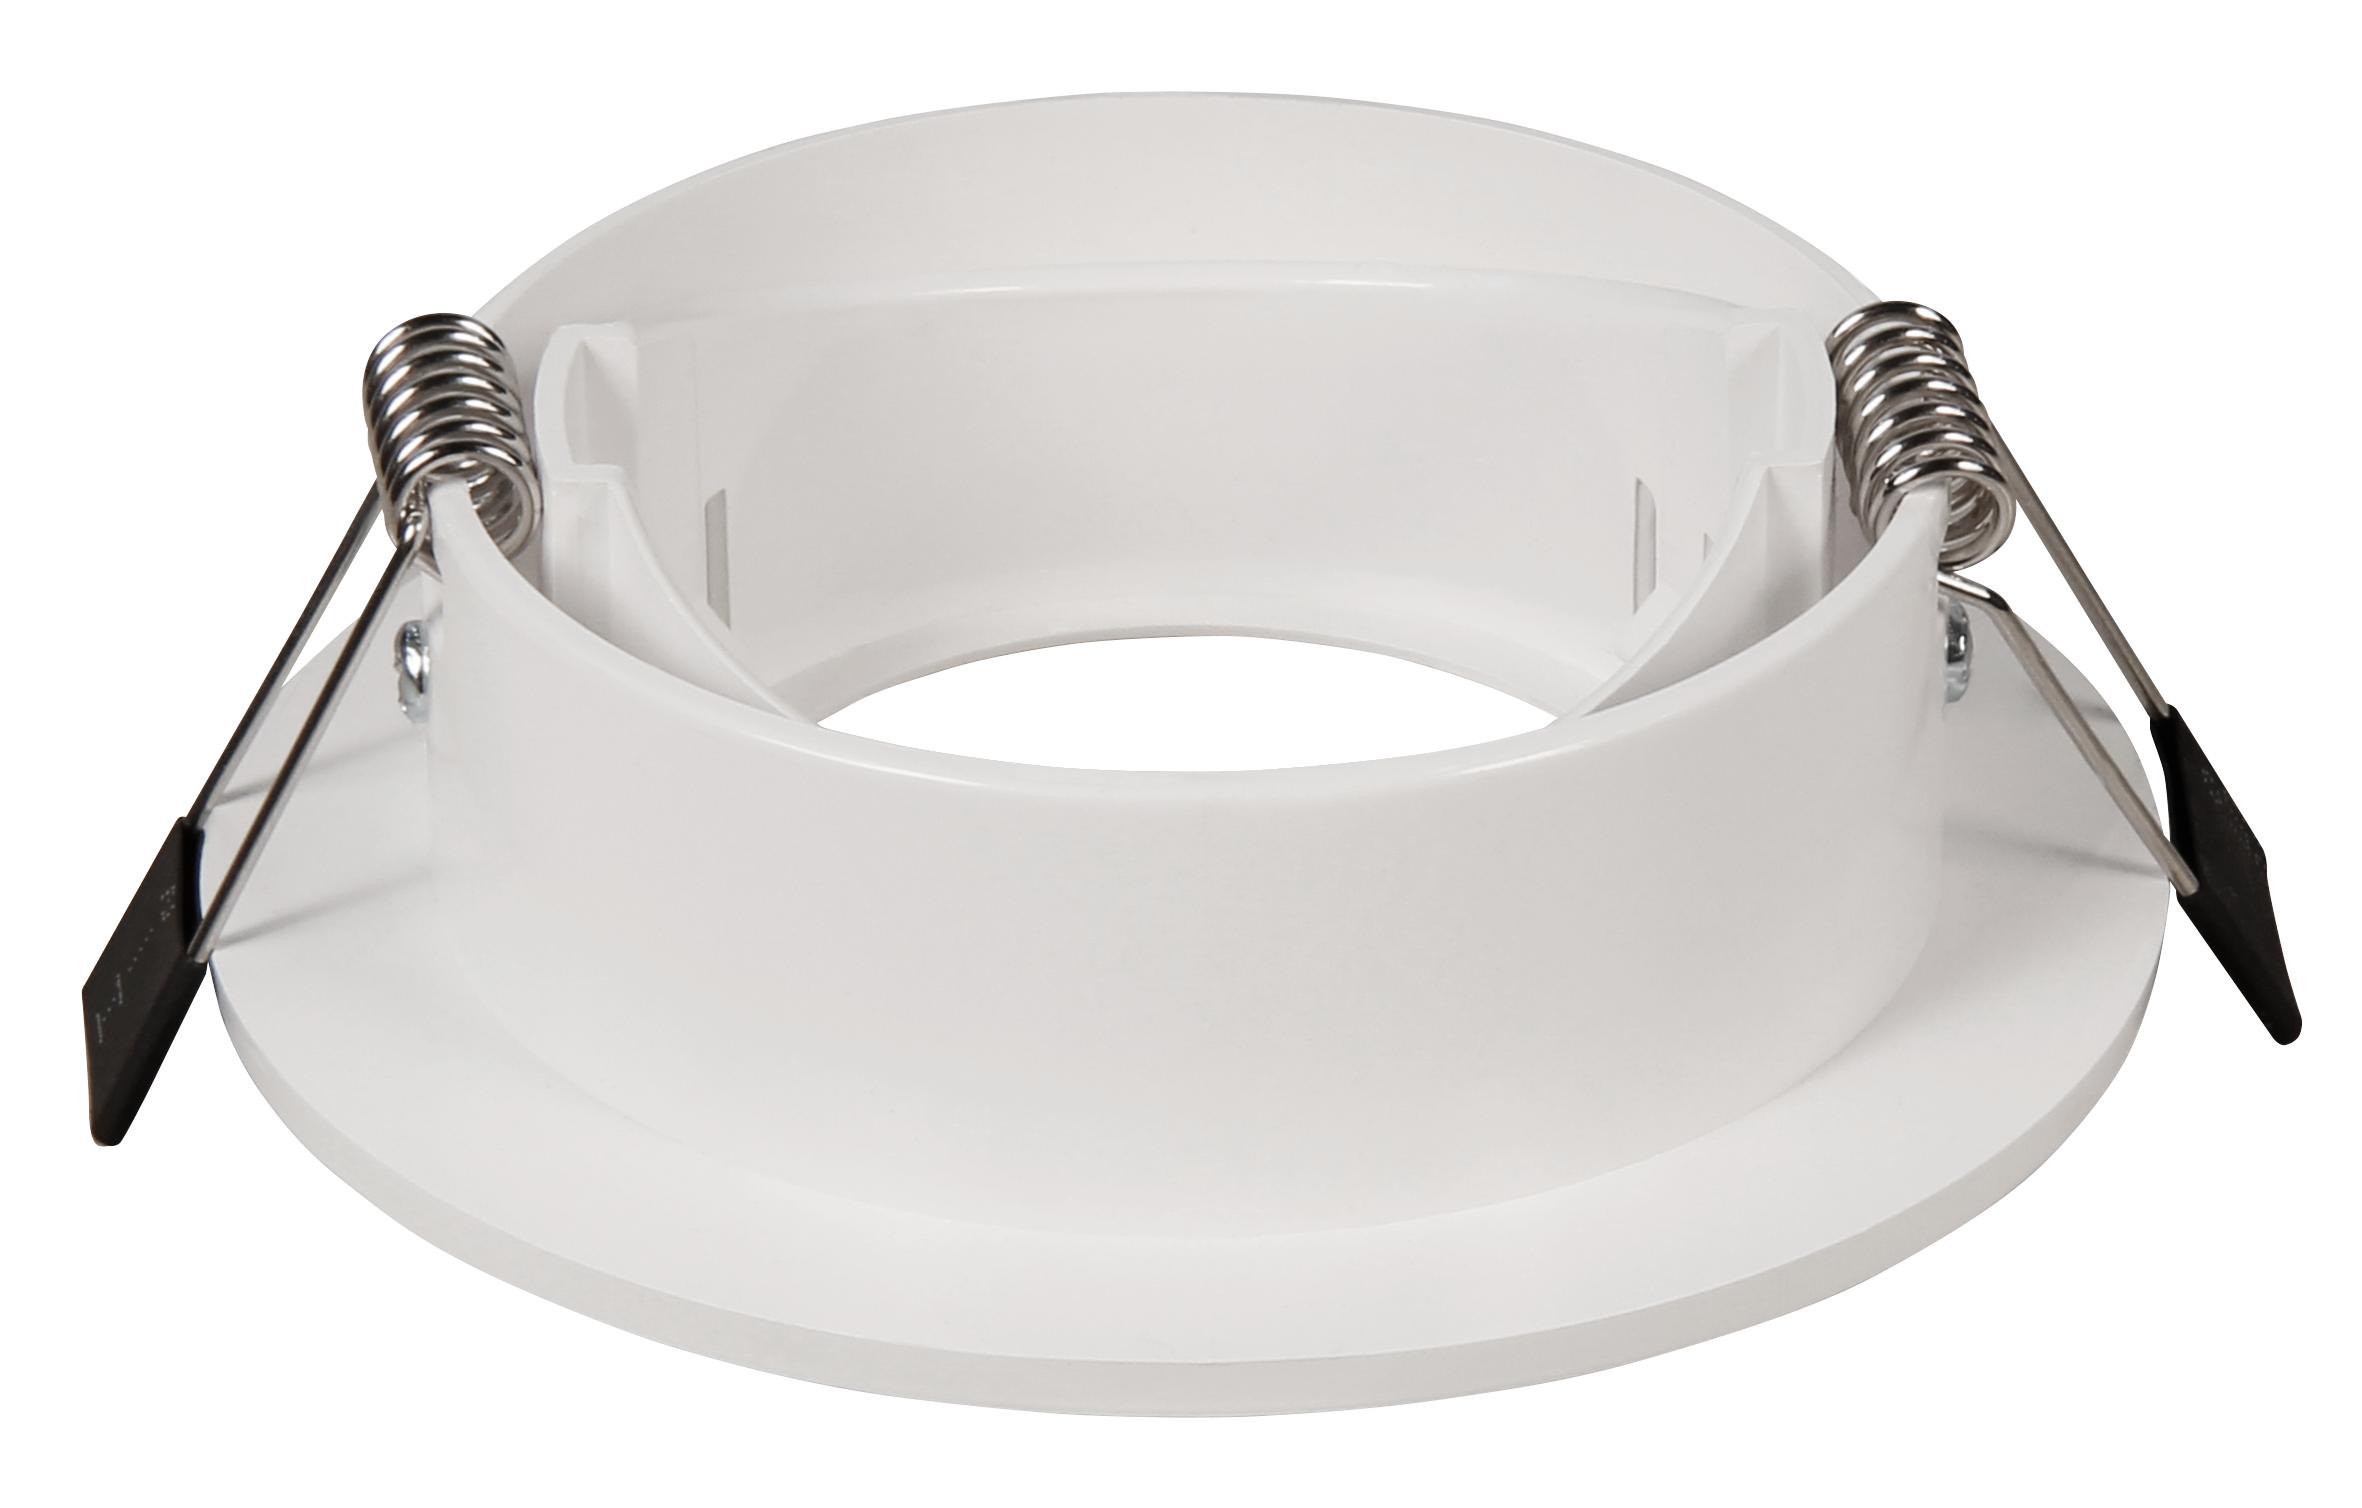 Einbaurahmen McShine ''DL-475'' rund, Ø90mm, schwenkbar, weiß